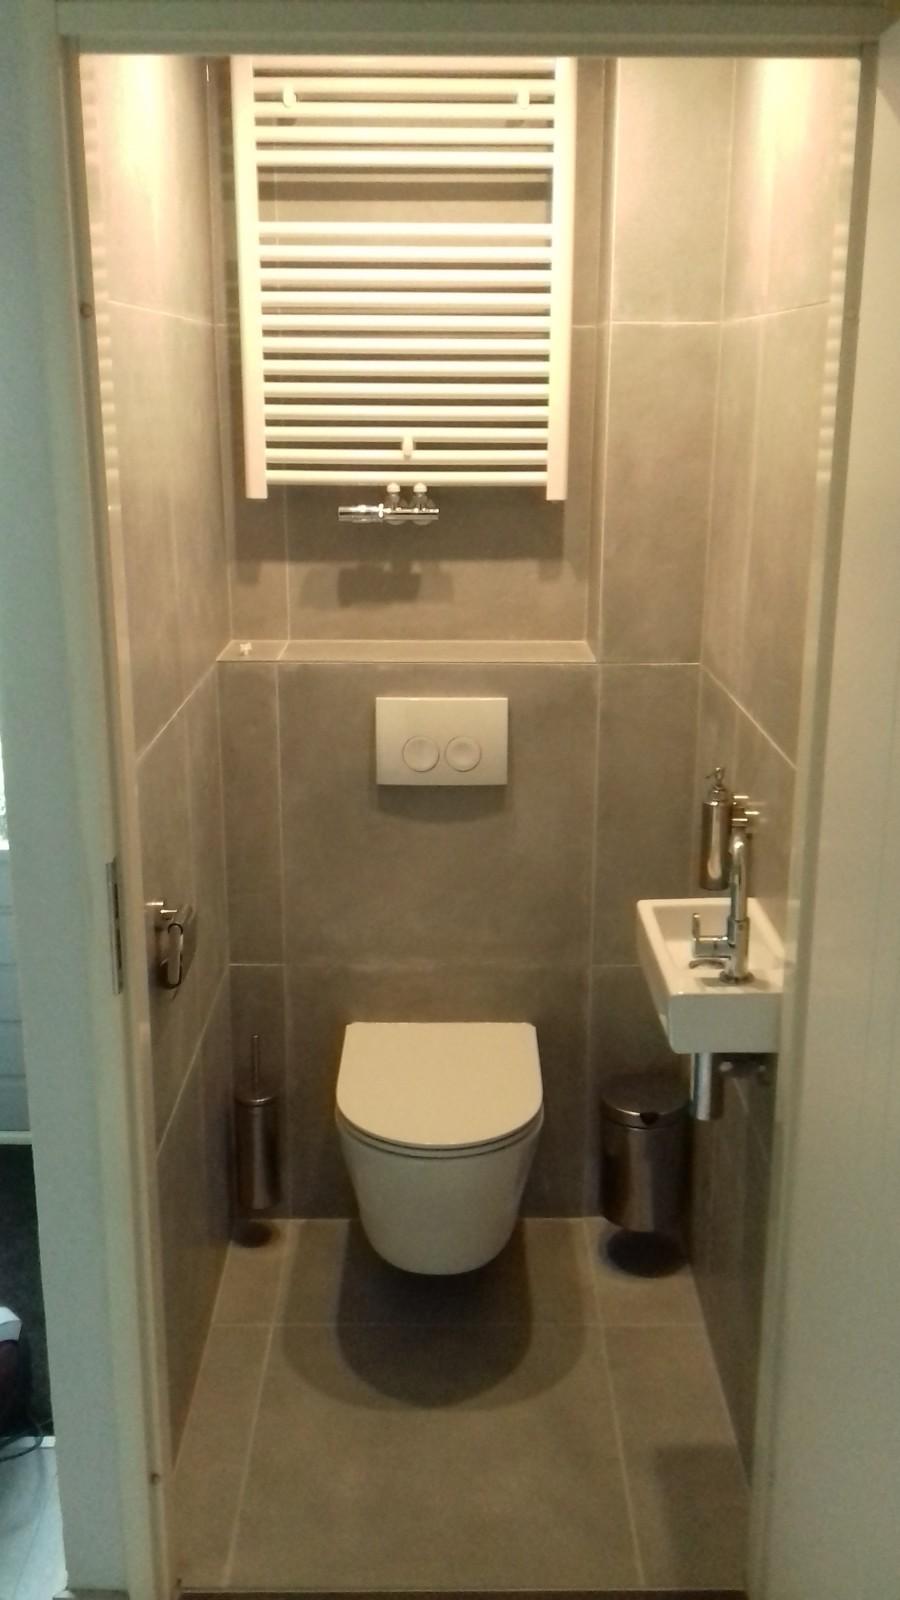 https://backend.klussenier.net/images/profiles/351357/document/16564-badkamer-en-toilet-renovatie-zwolle.jpg